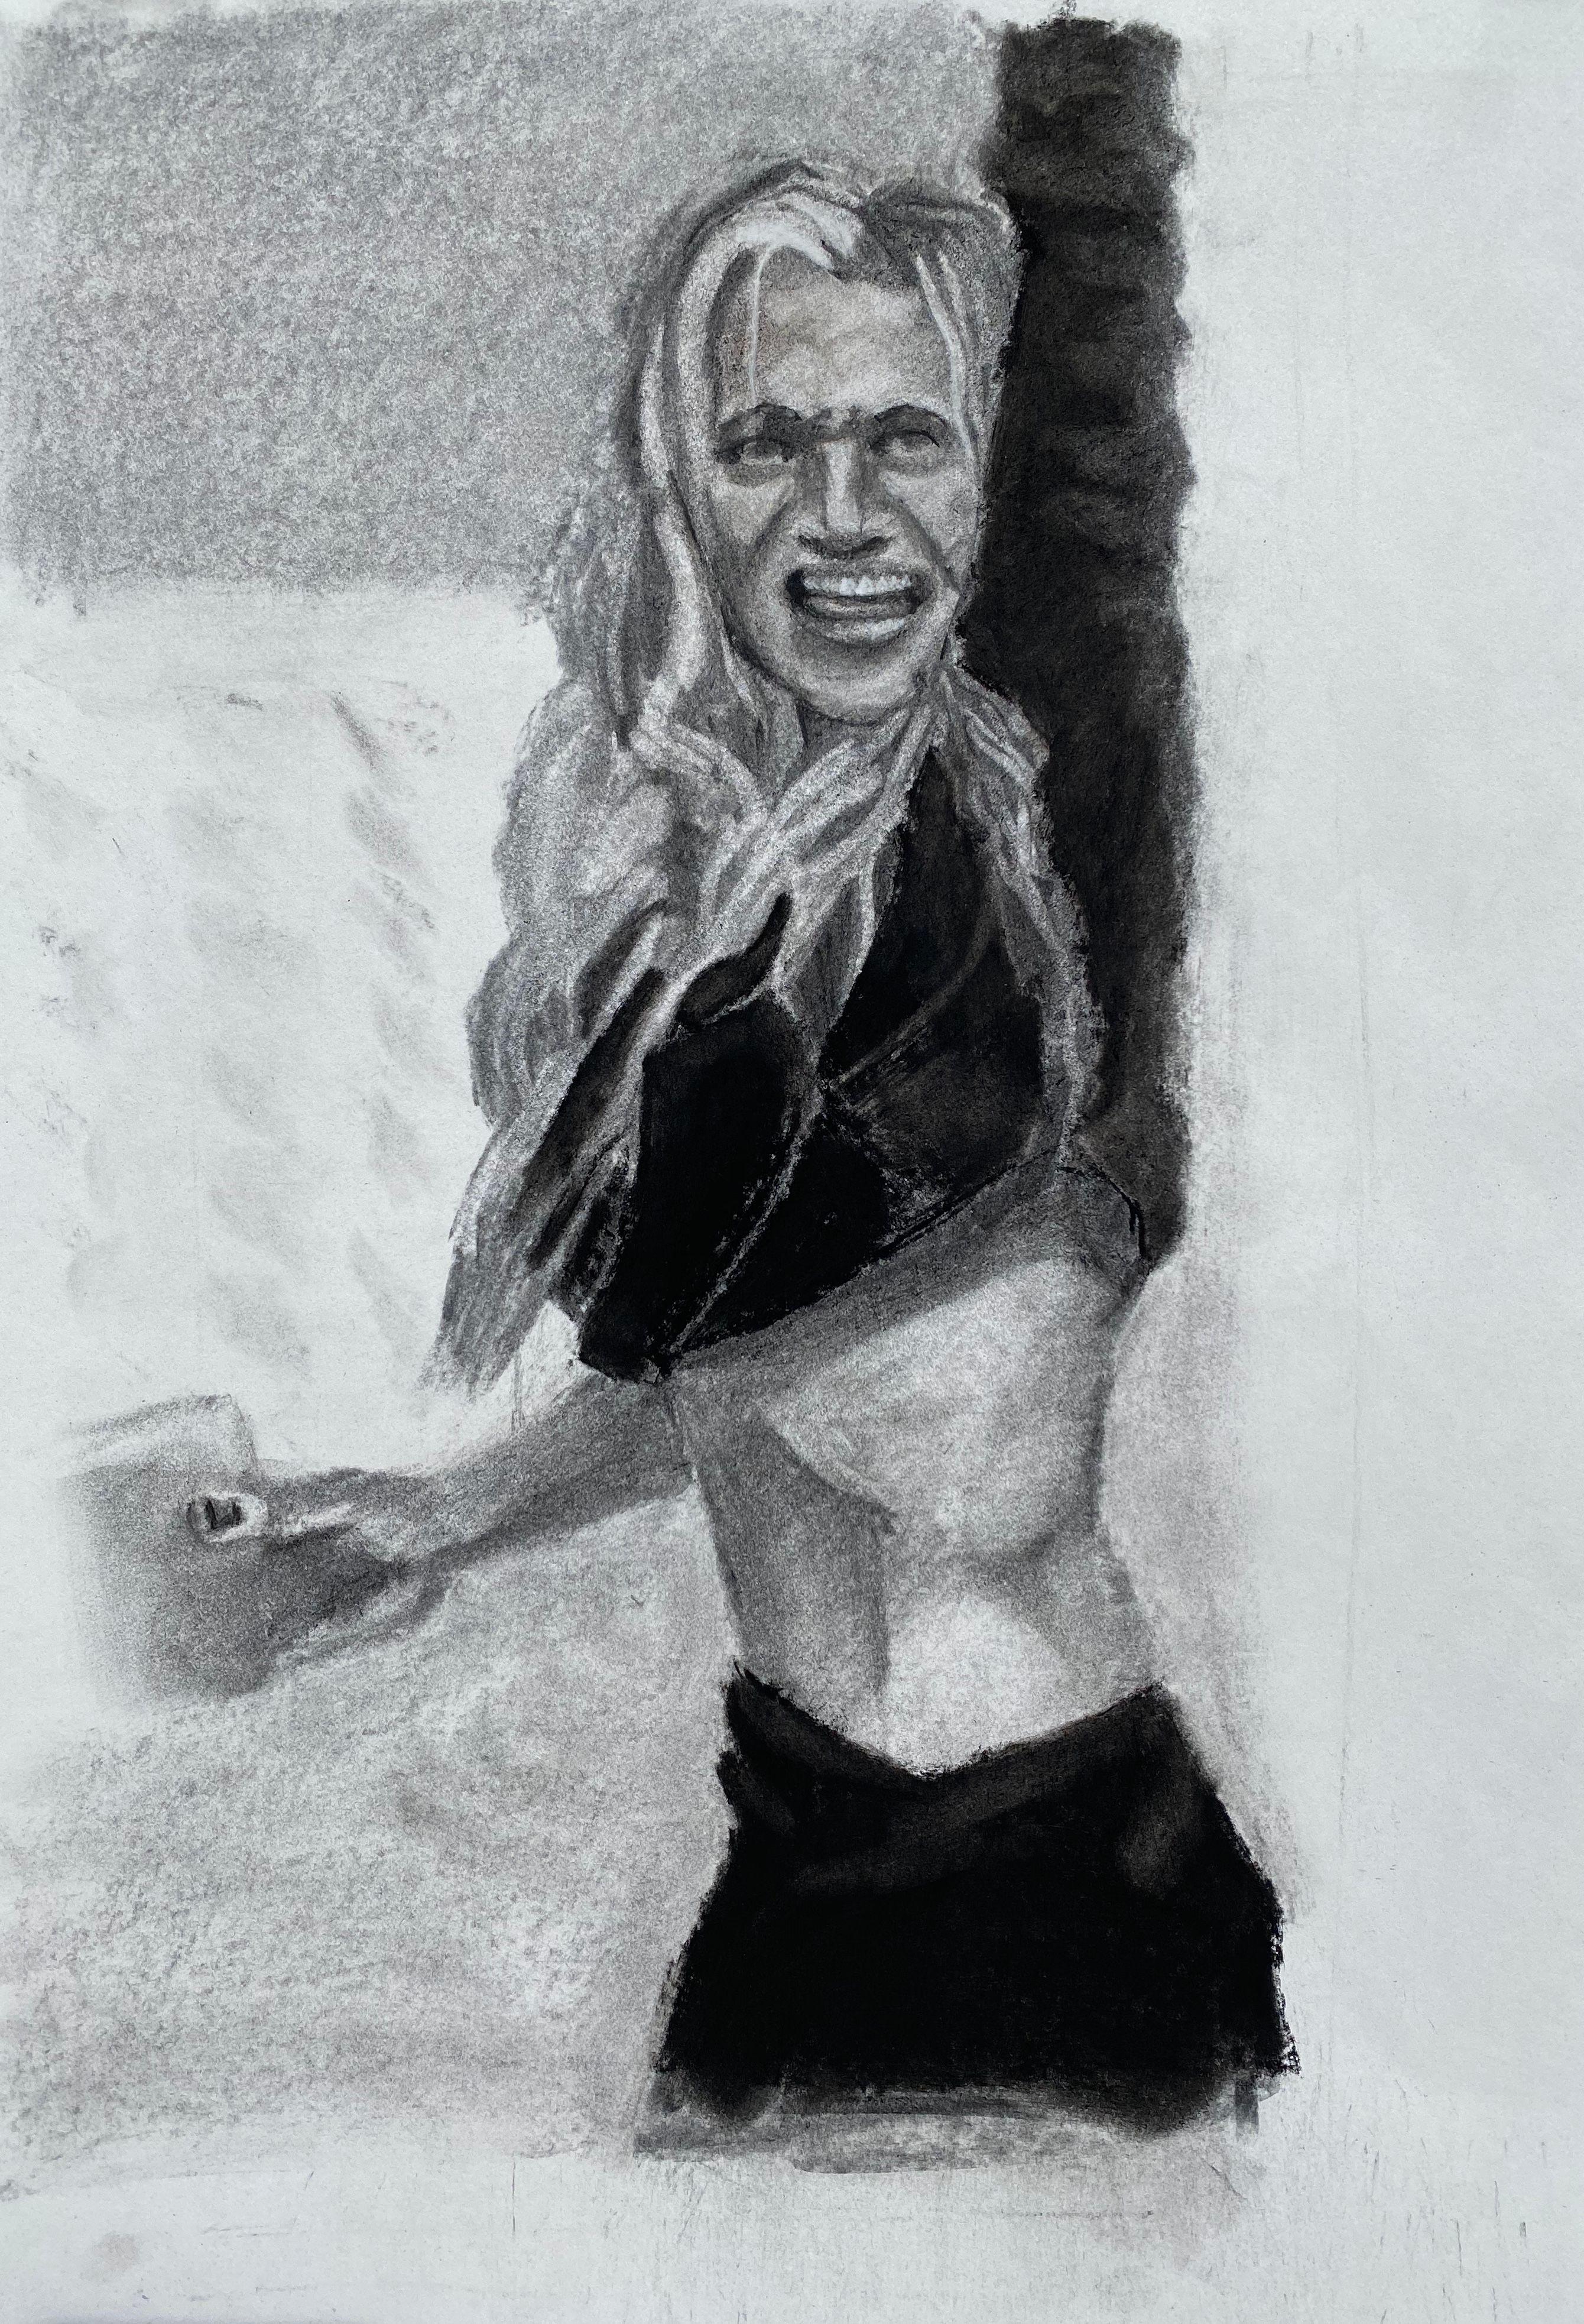 Artist: Daniel Donato, Charcoal on Paper